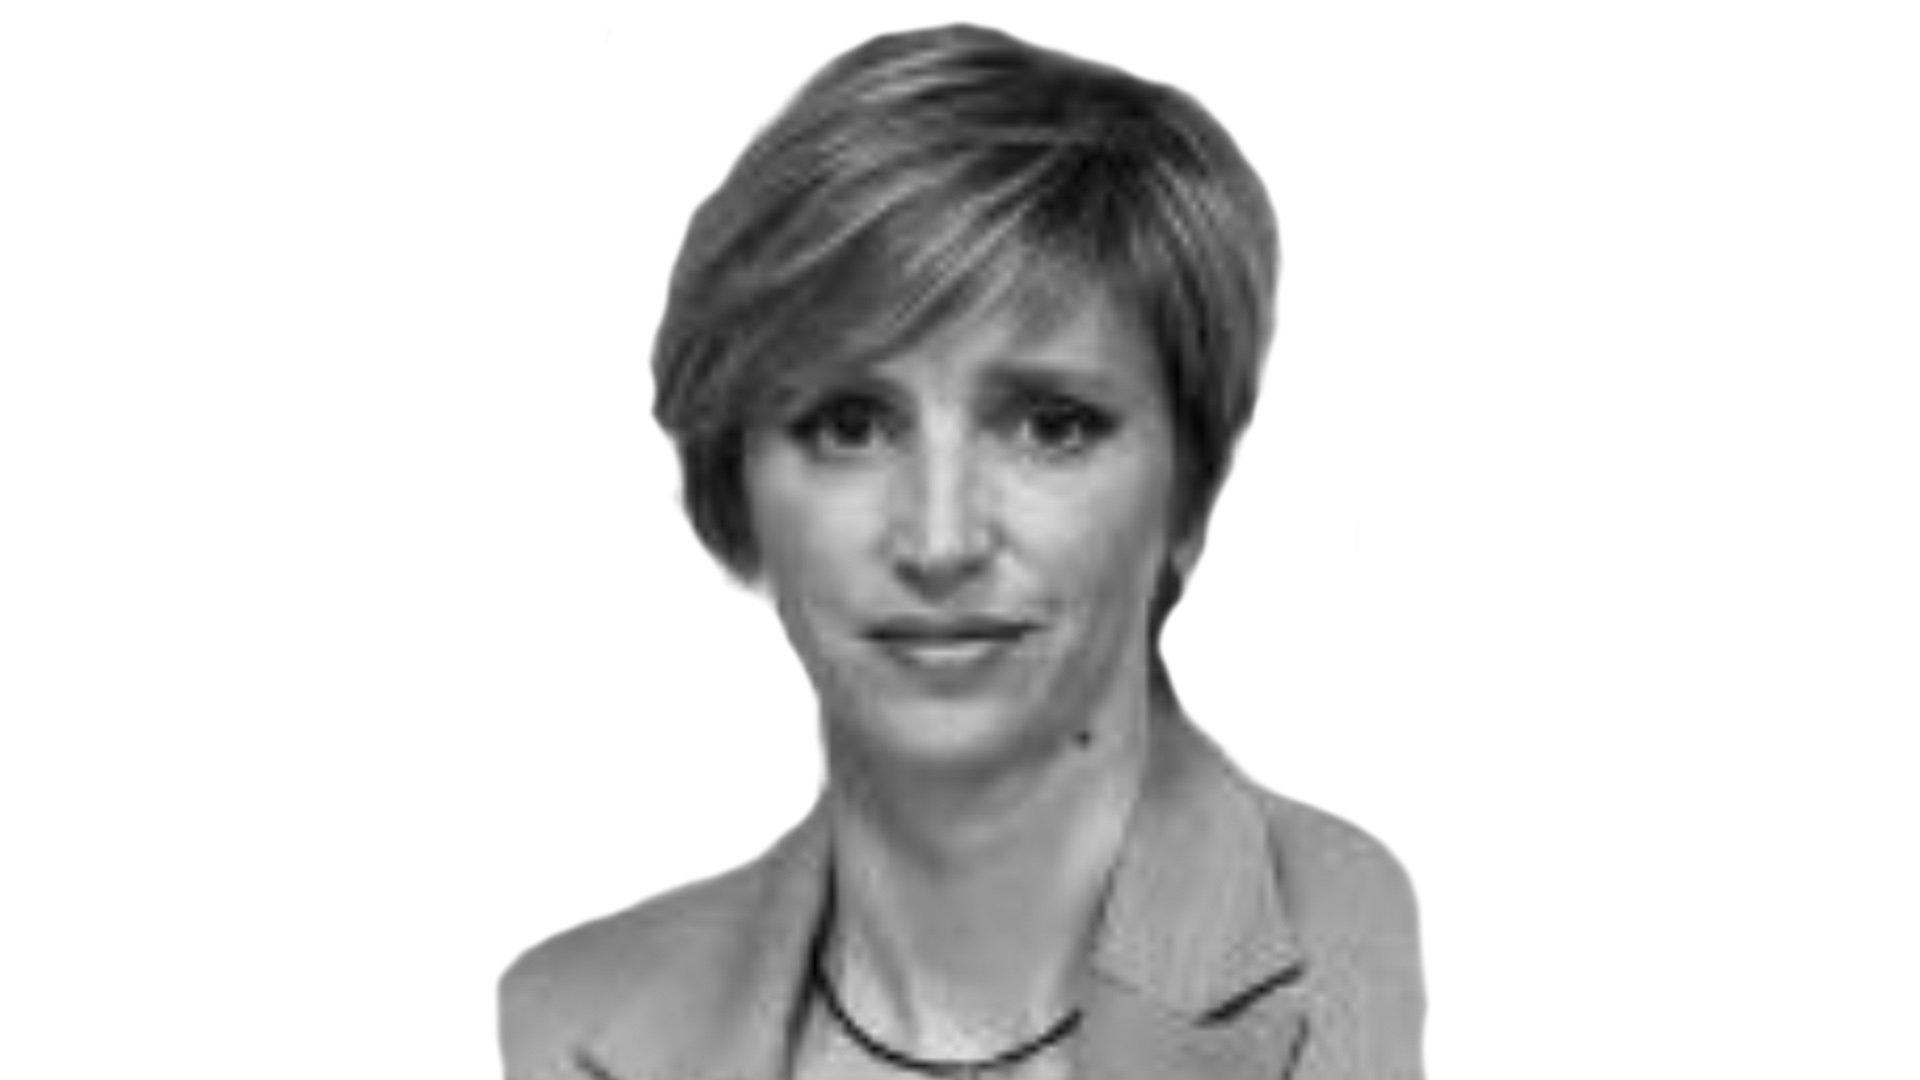 El rostro velado del islam - Pilar Gonzalez Casado